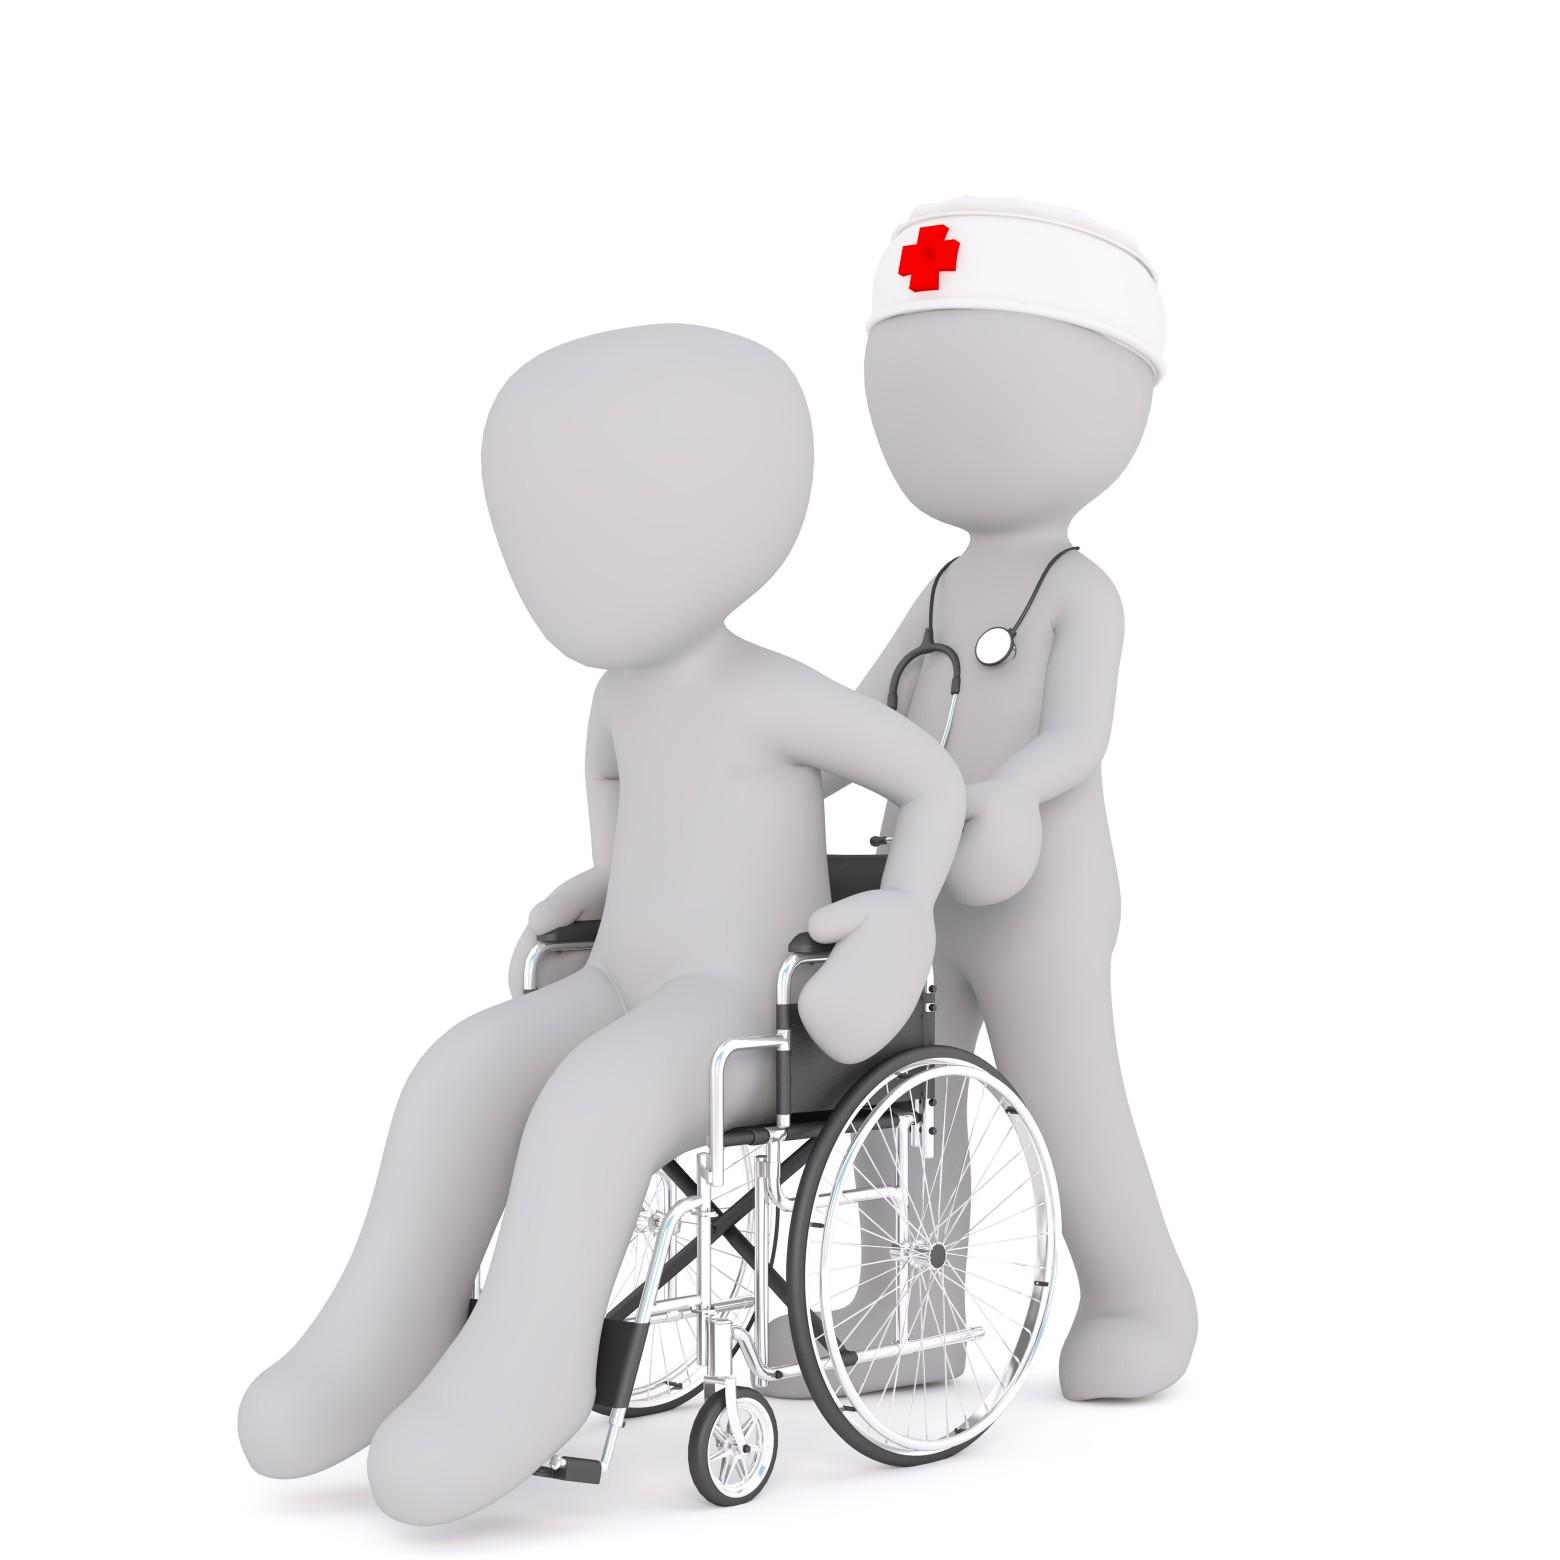 bonhomme blanc 3d fauteuil roulant handicap images gratuites images gratuites et libres de droits. Black Bedroom Furniture Sets. Home Design Ideas